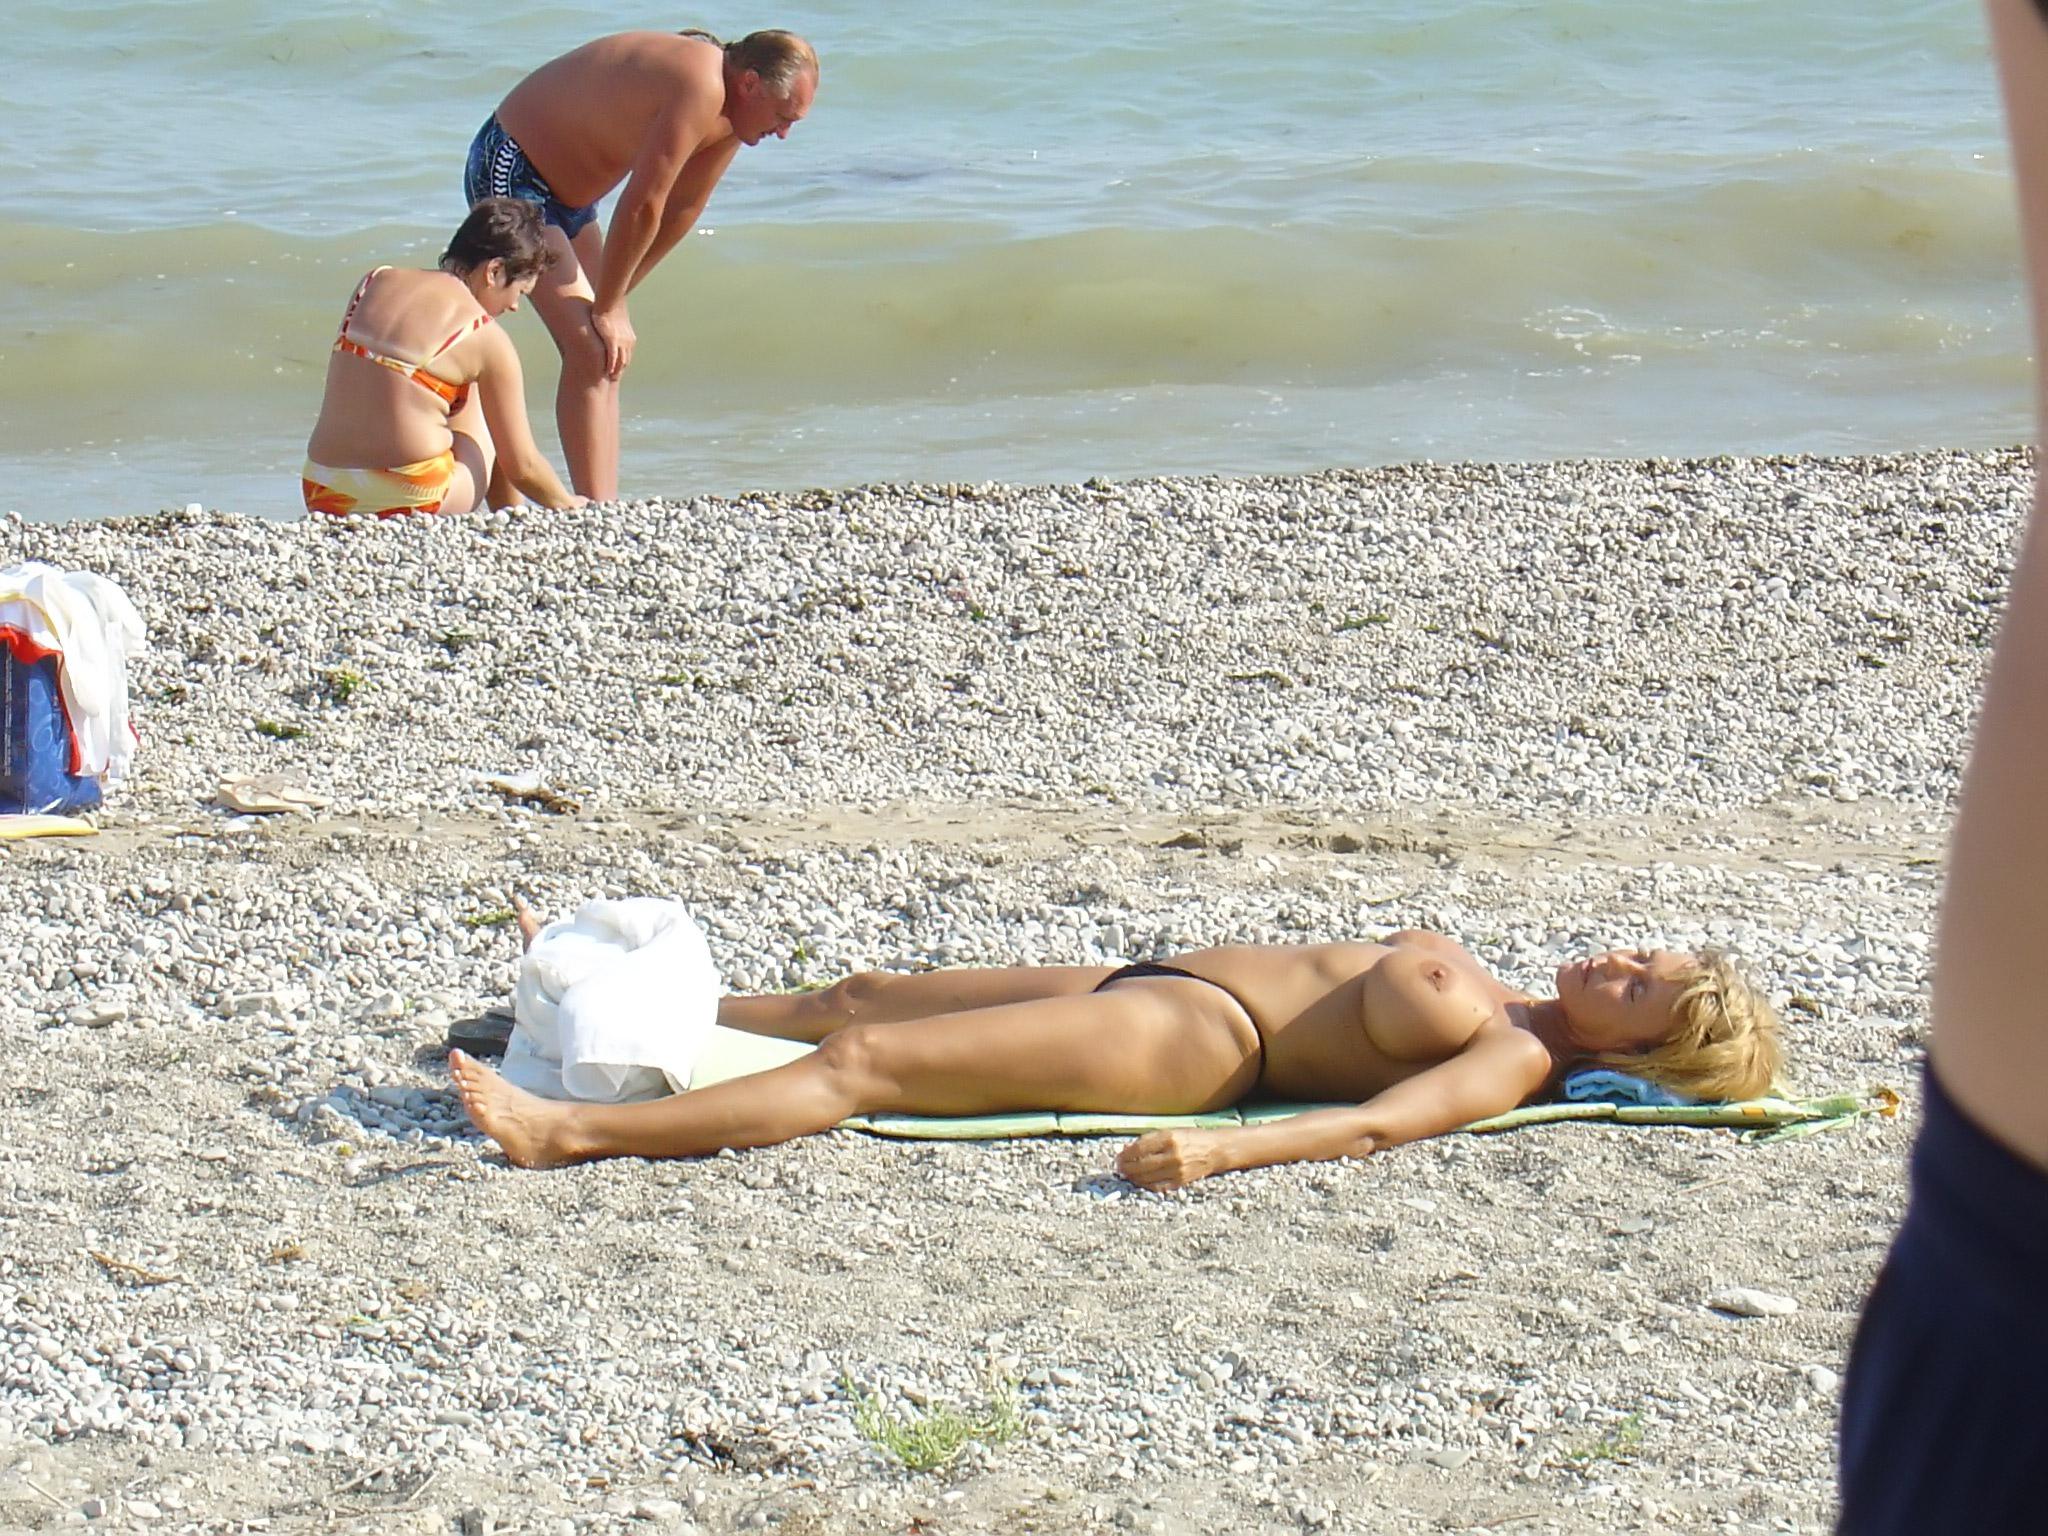 Лучшие нудистские пляжи